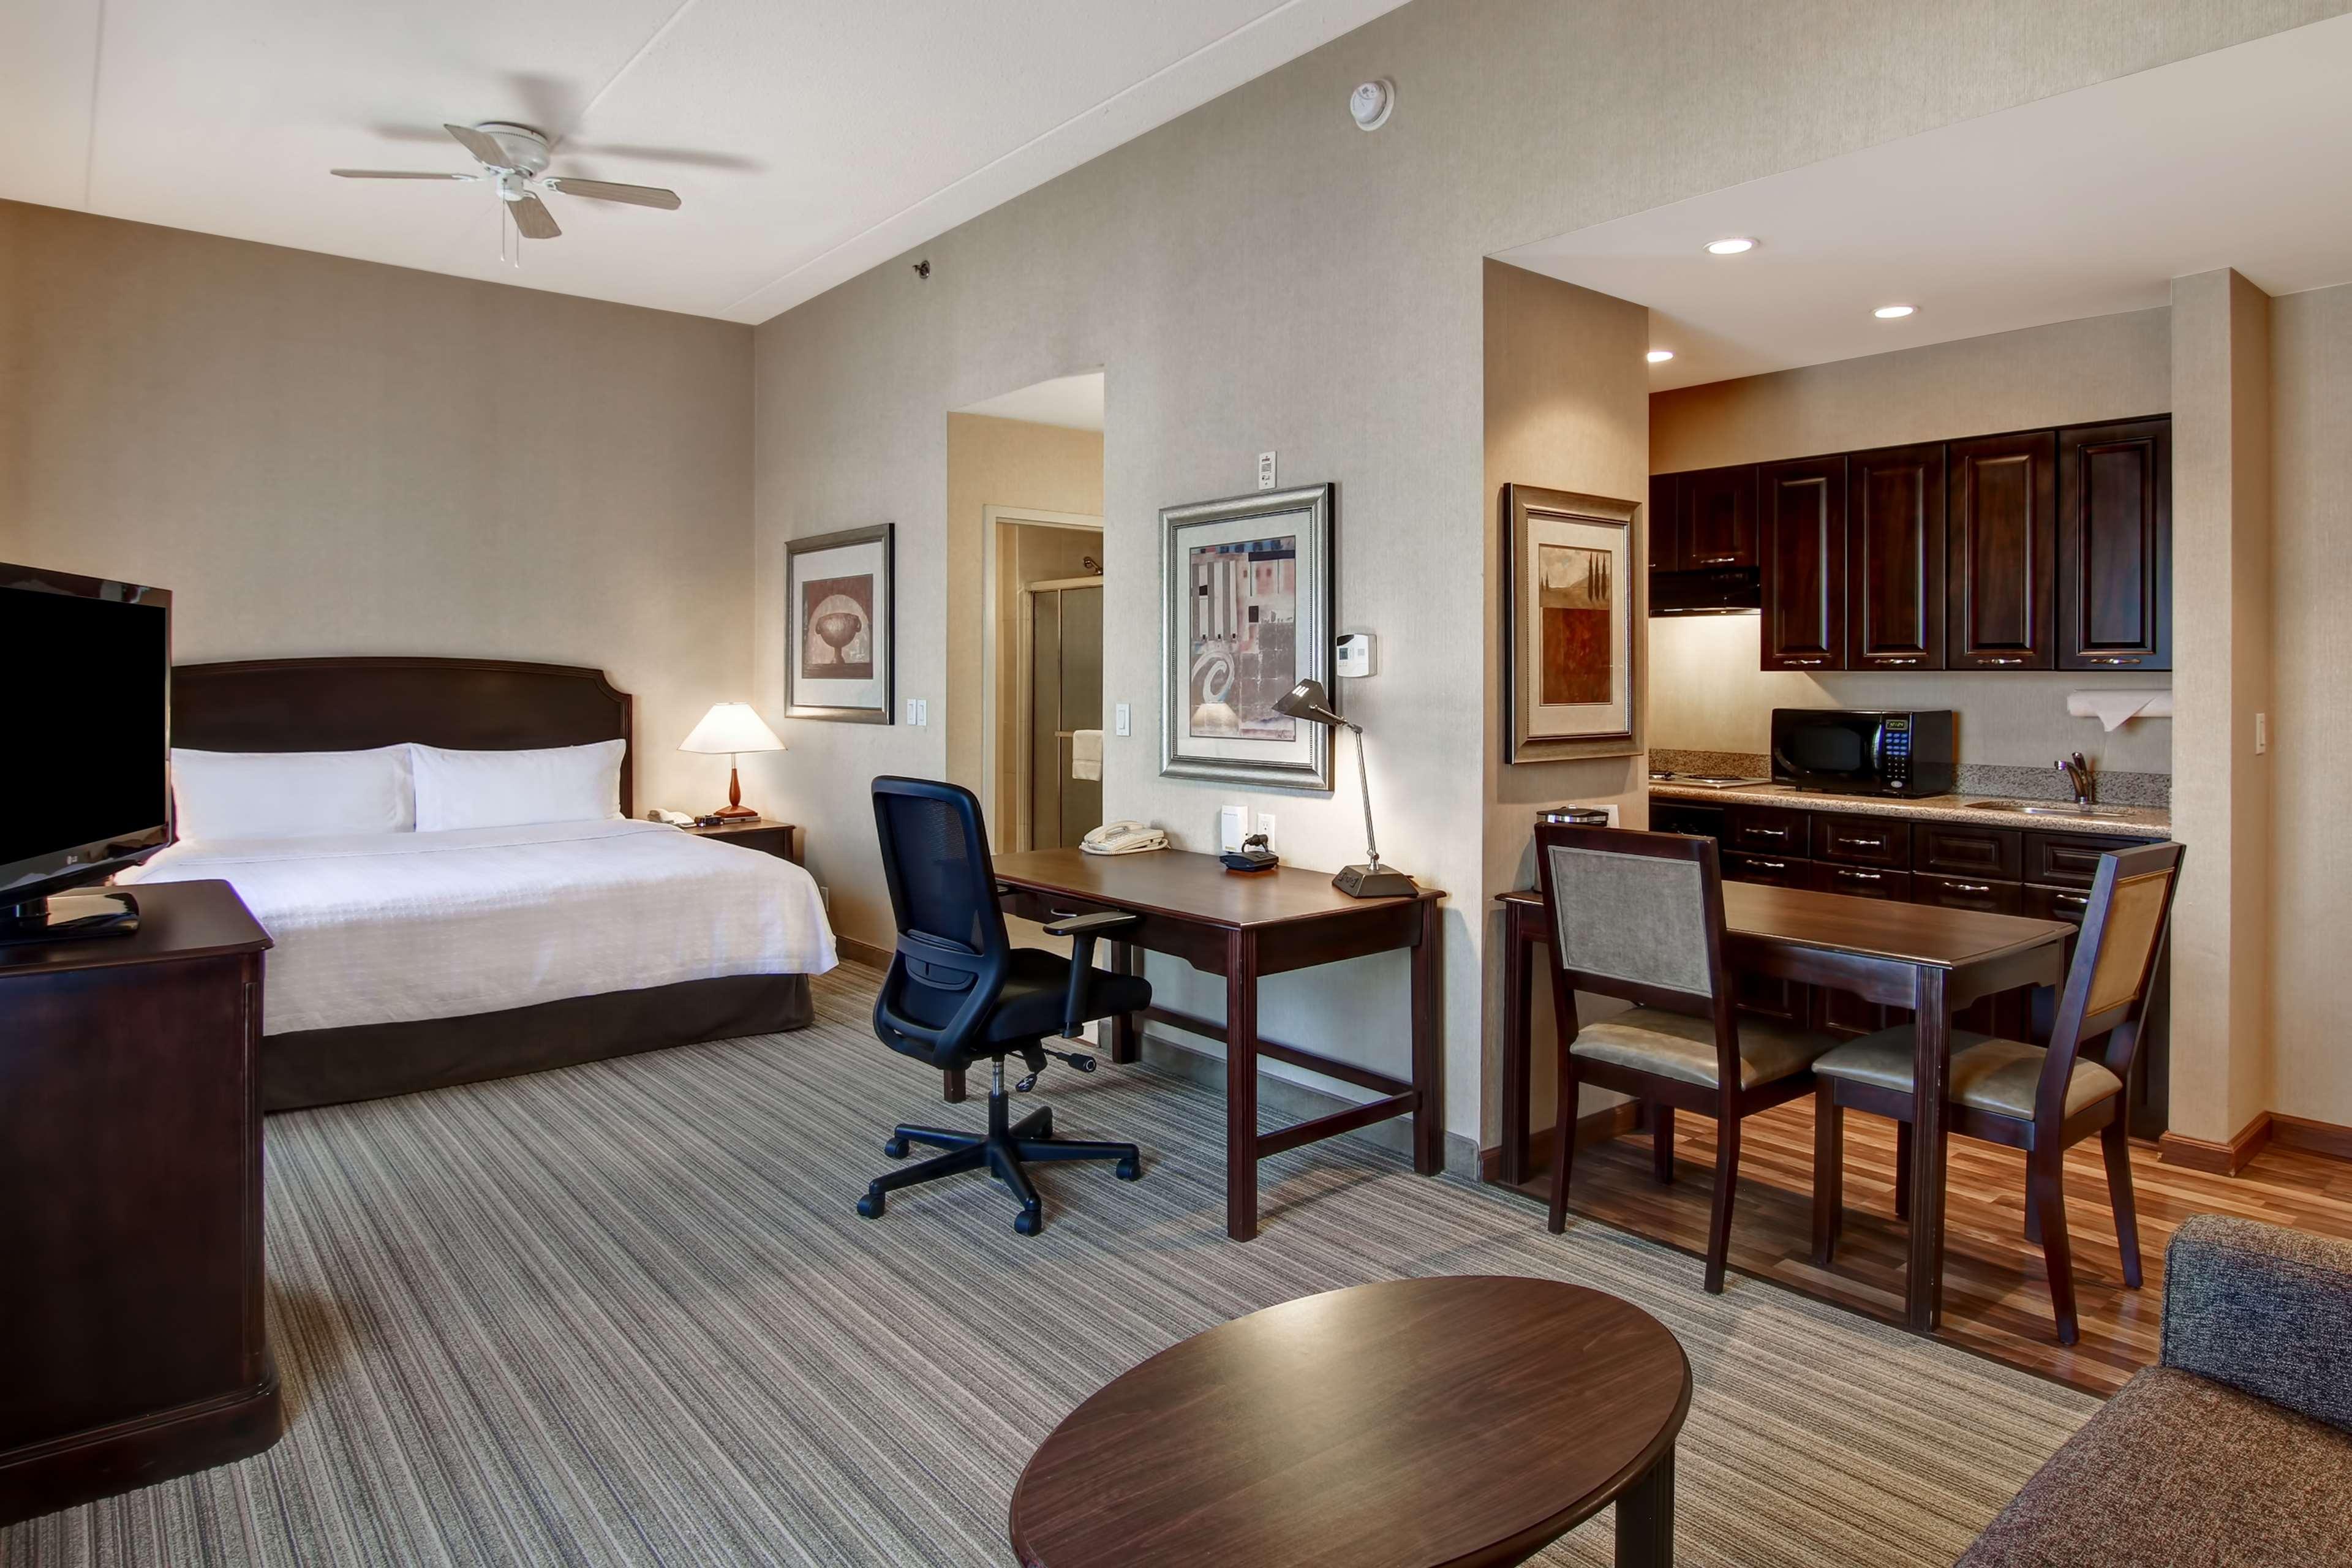 Homewood Suites by Hilton Burlington in Burlington: Guest room